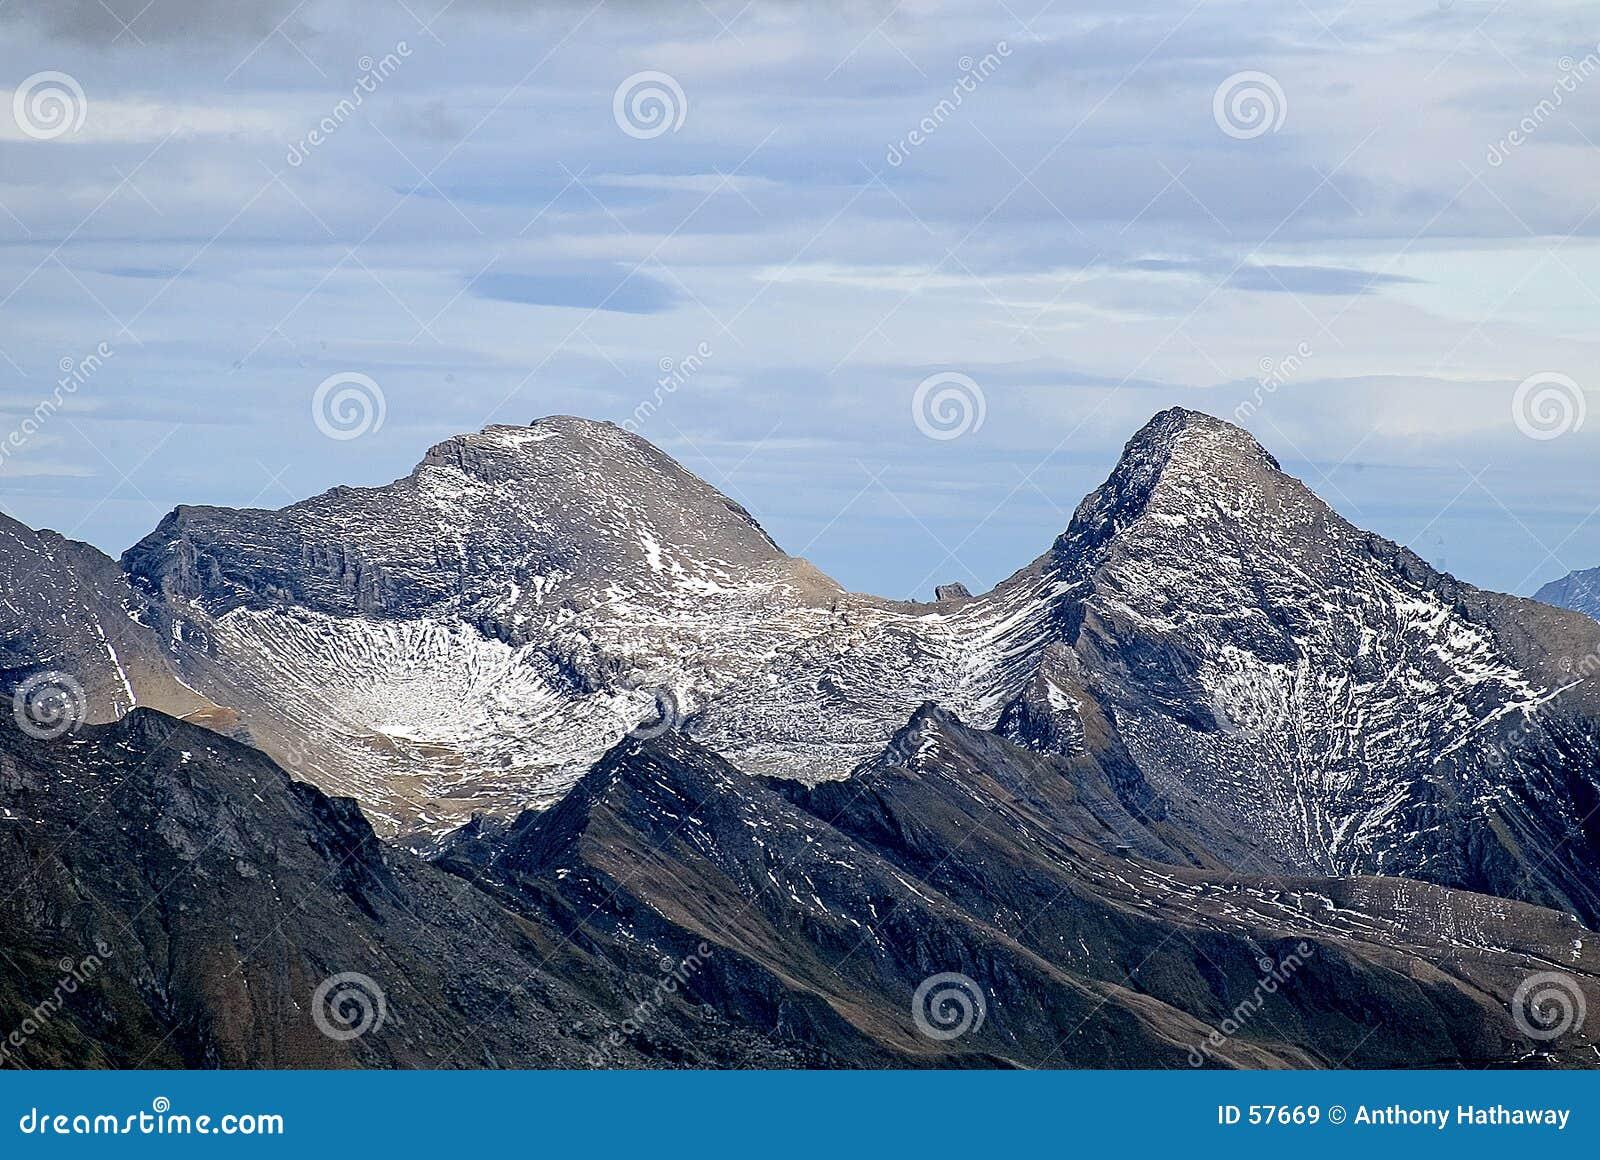 Scena mountain